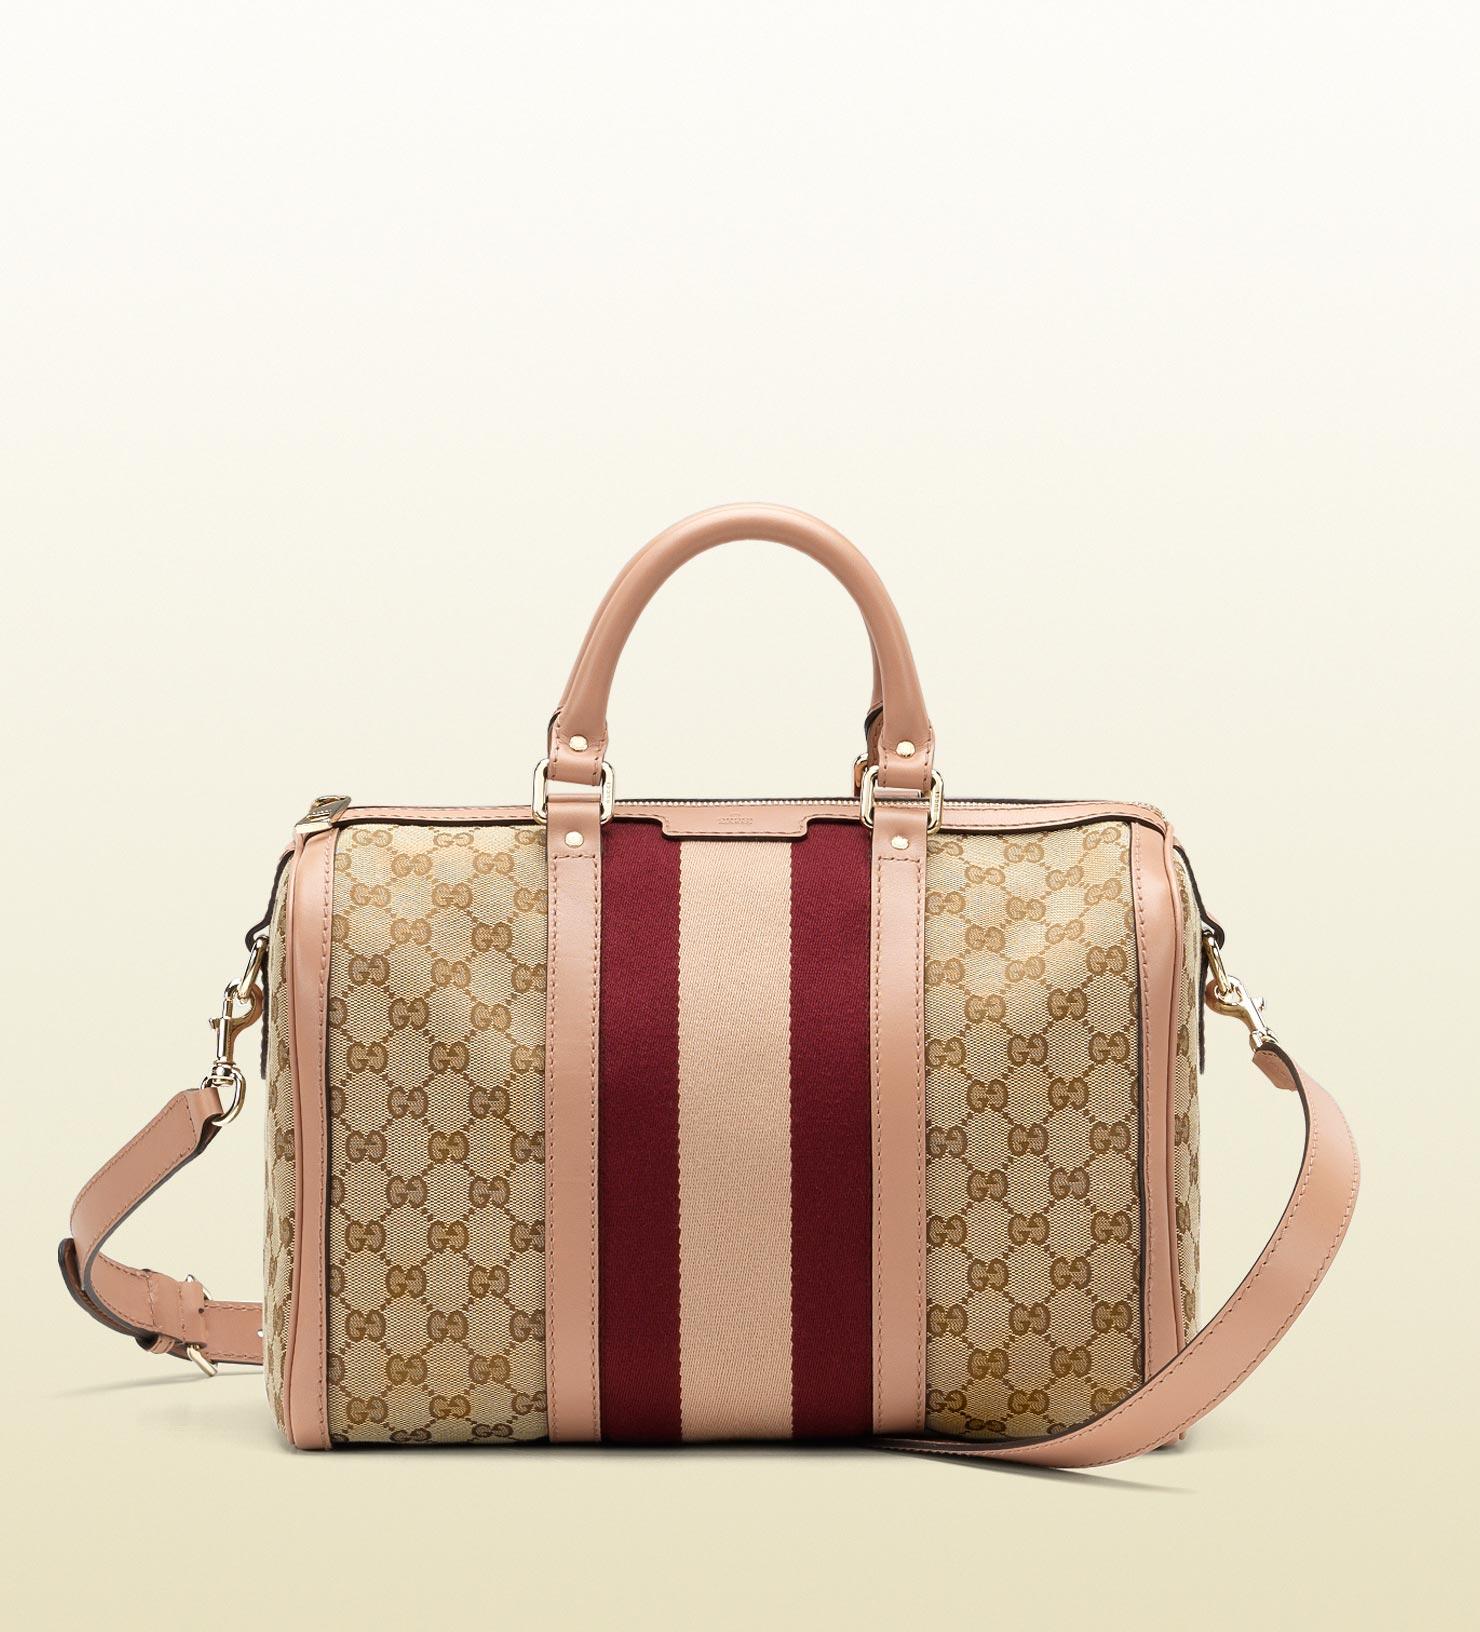 gucci vintage web boston bag in beige brown